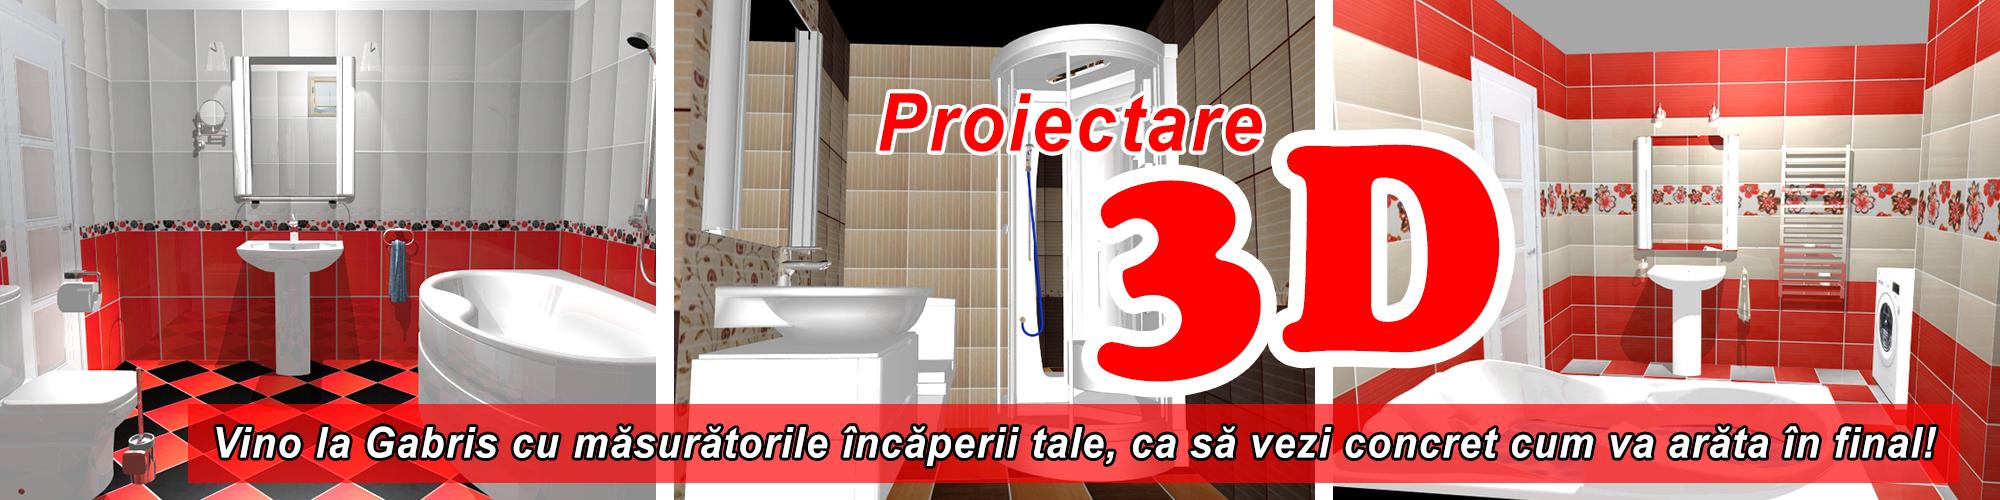 PROIECTARE 3D